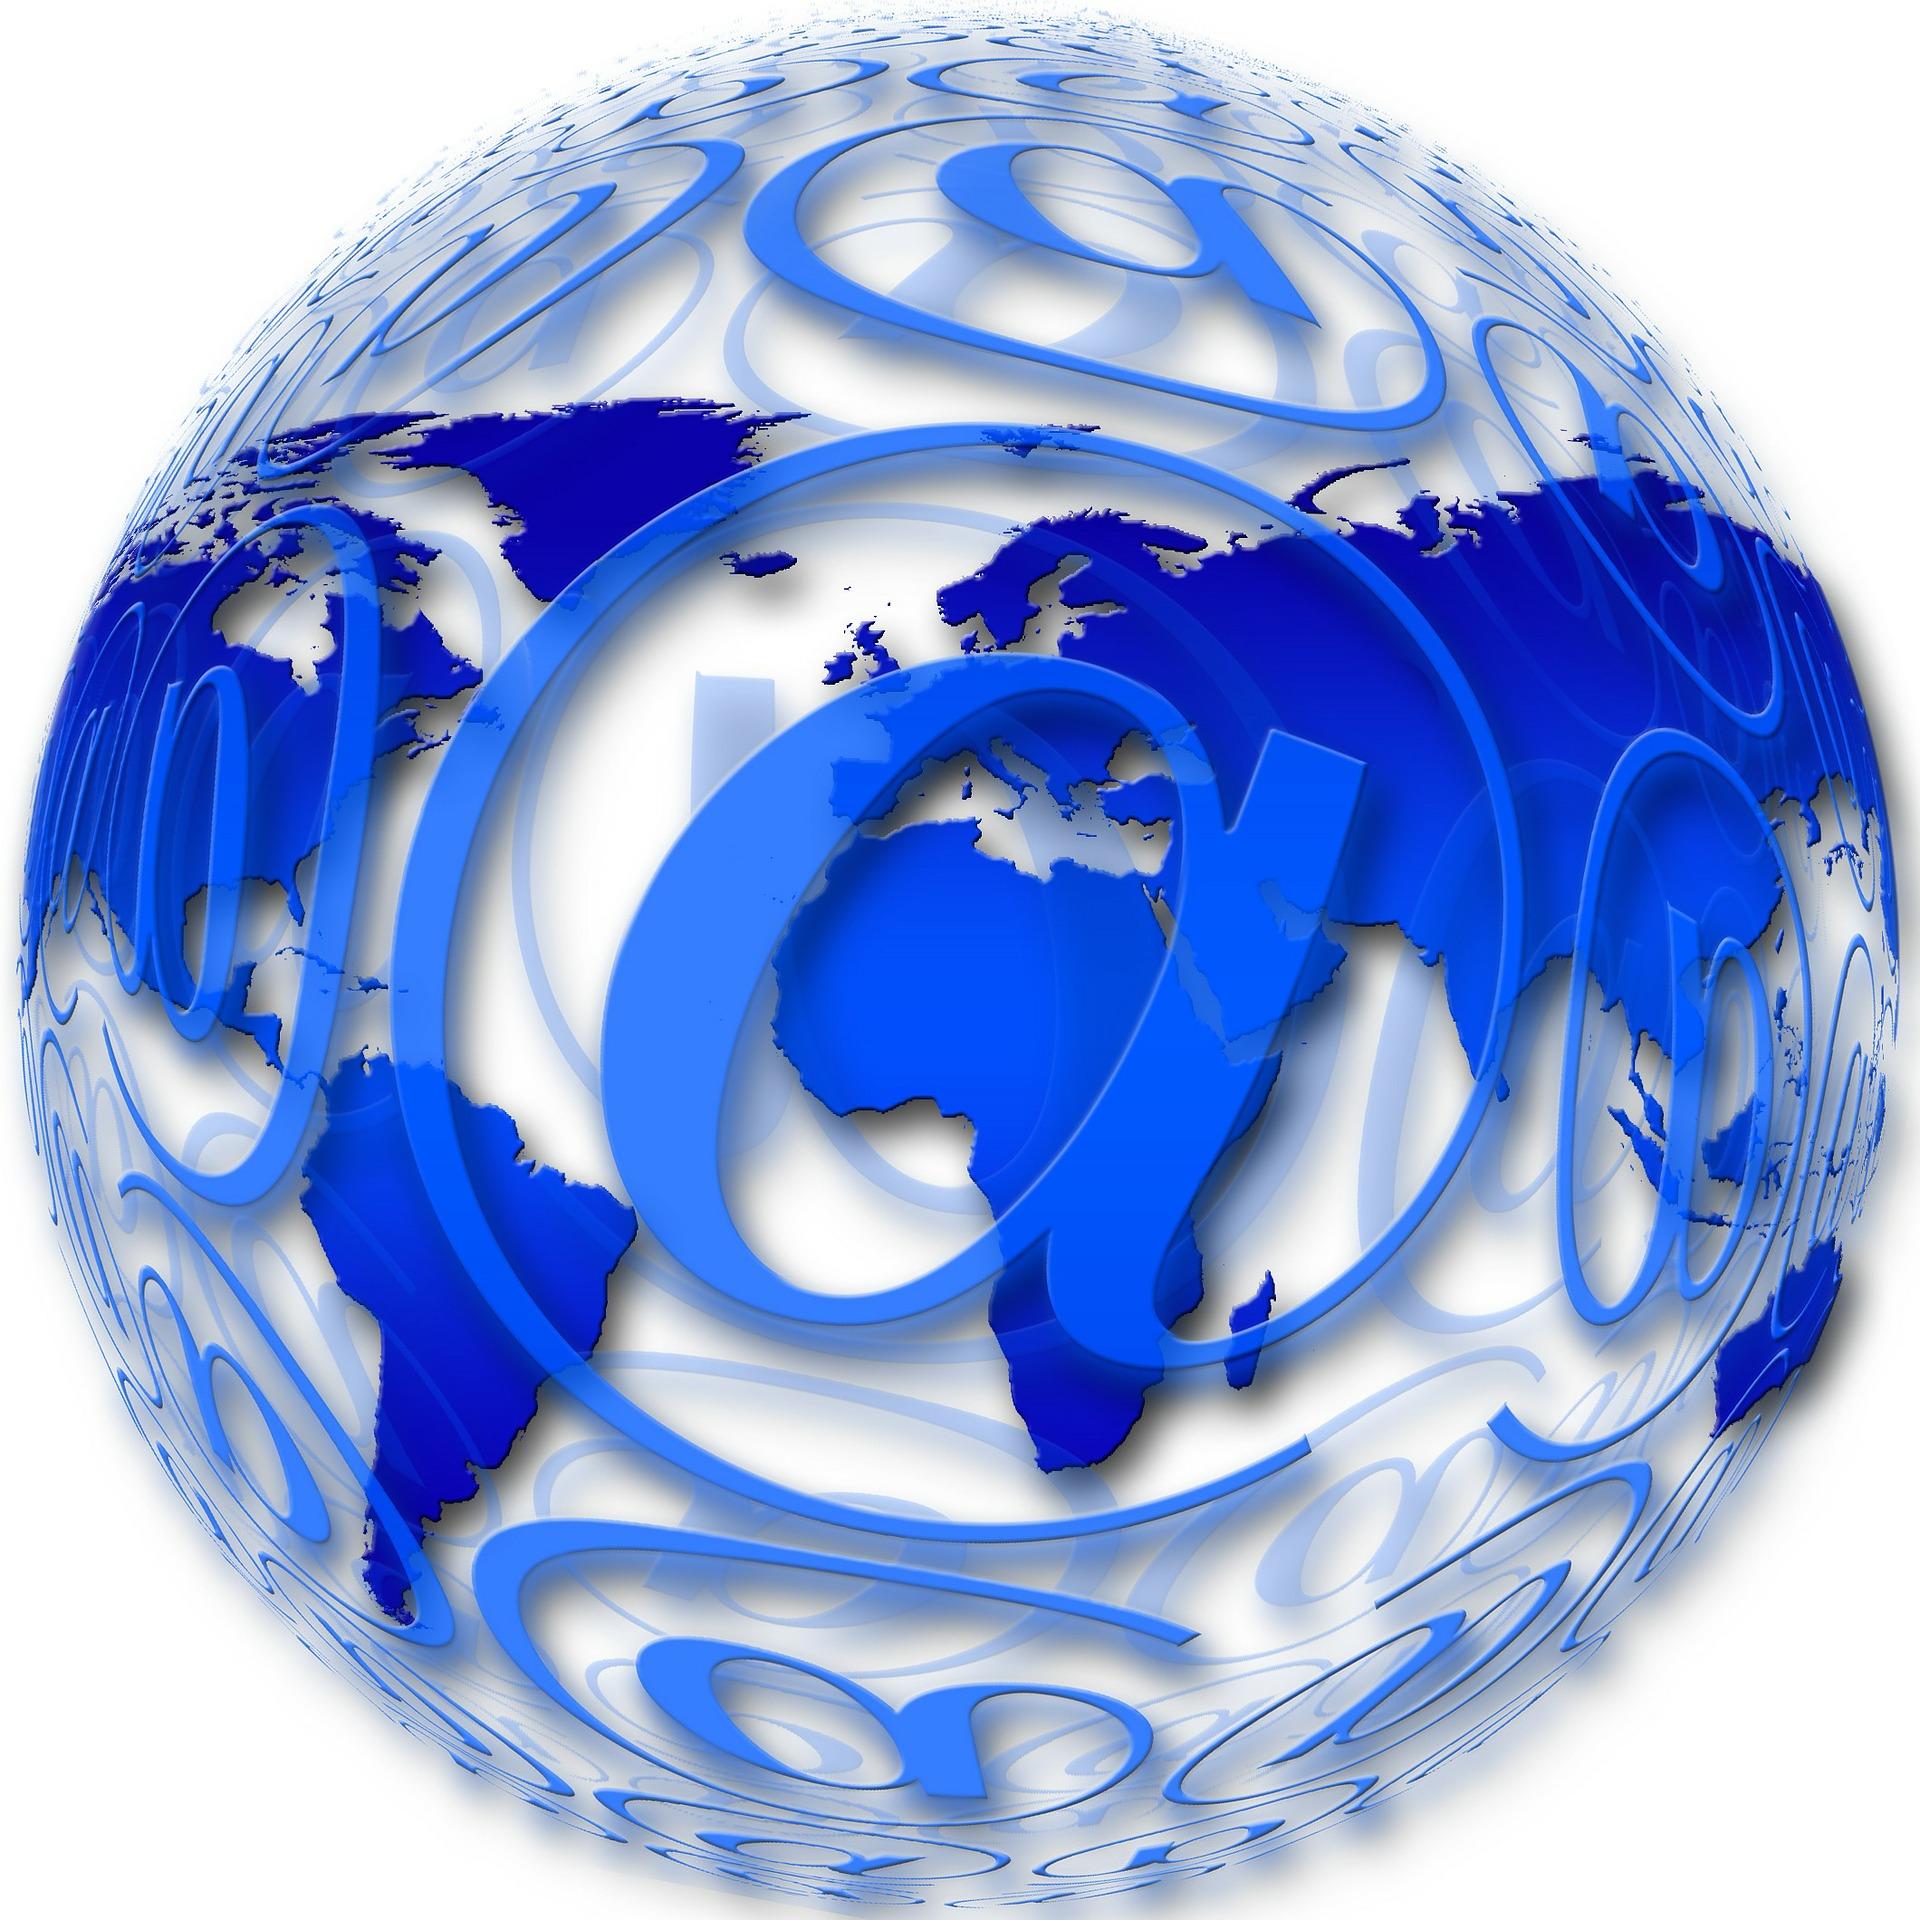 globe-63774_1920.jpg